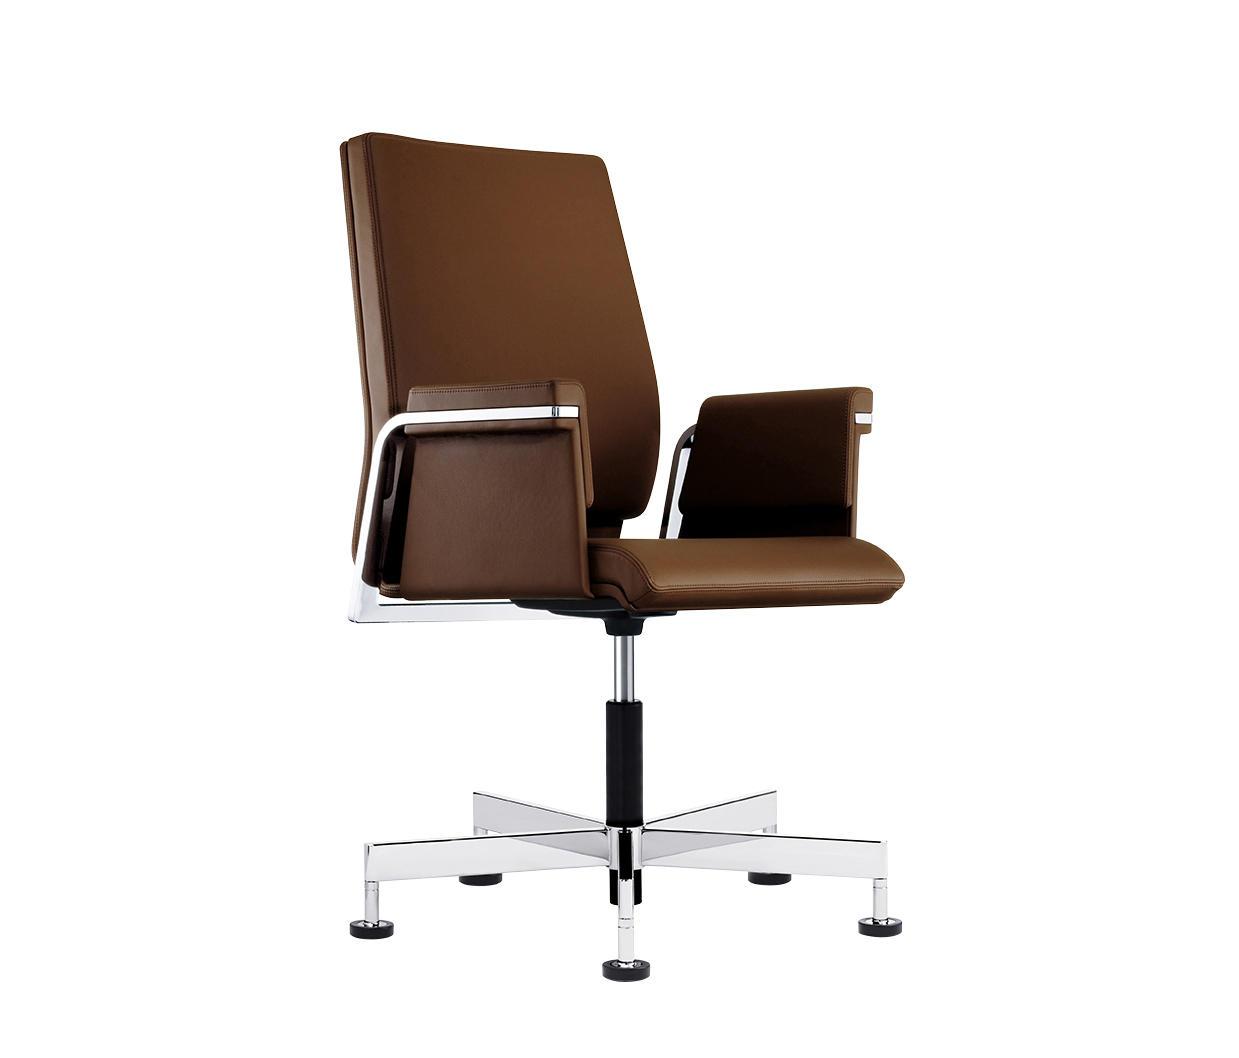 axos 160a konferenzst hle von interstuhl b rom bel gmbh co kg architonic. Black Bedroom Furniture Sets. Home Design Ideas